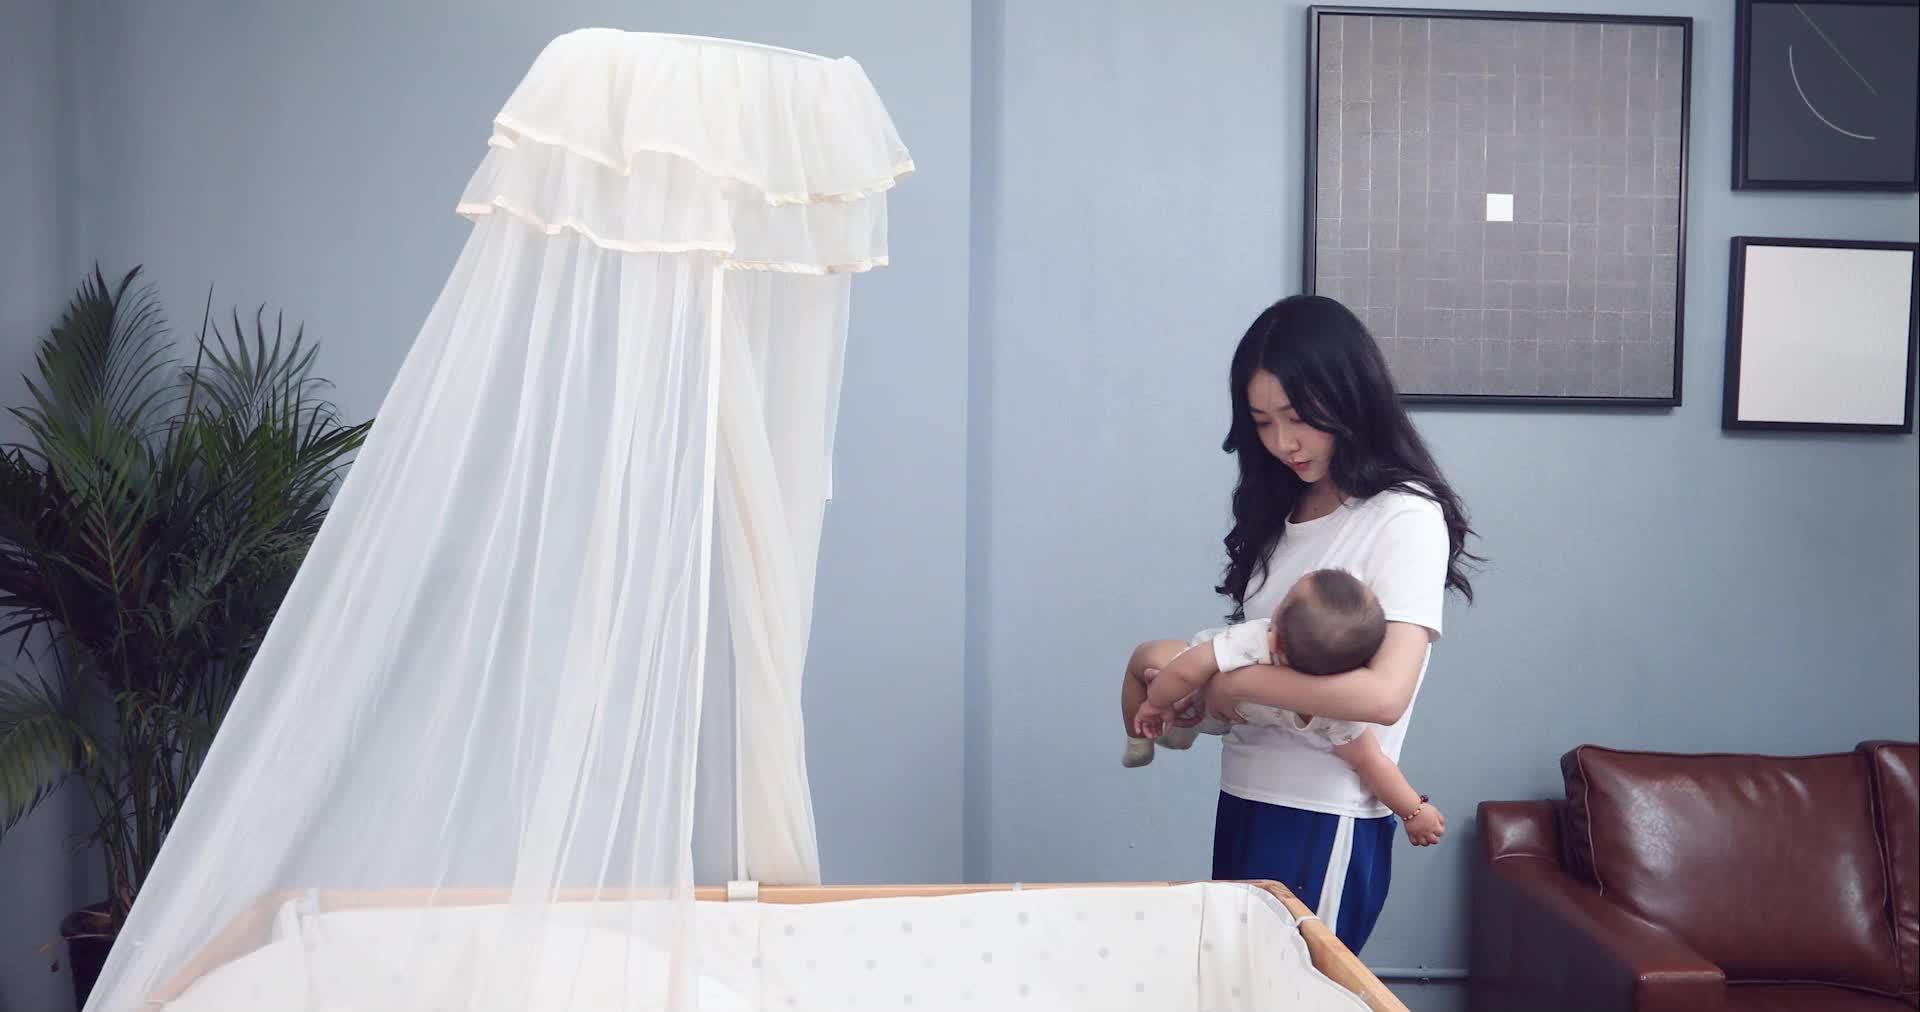 HOUSBAY Yüksek Kaliteli % 100% Naylon Beşik bebek yatağı Yuvarlak Gölgelik sivrisinek ağı ve bebek yatağı ding Sivrisinek Perde kurulumu Kolay